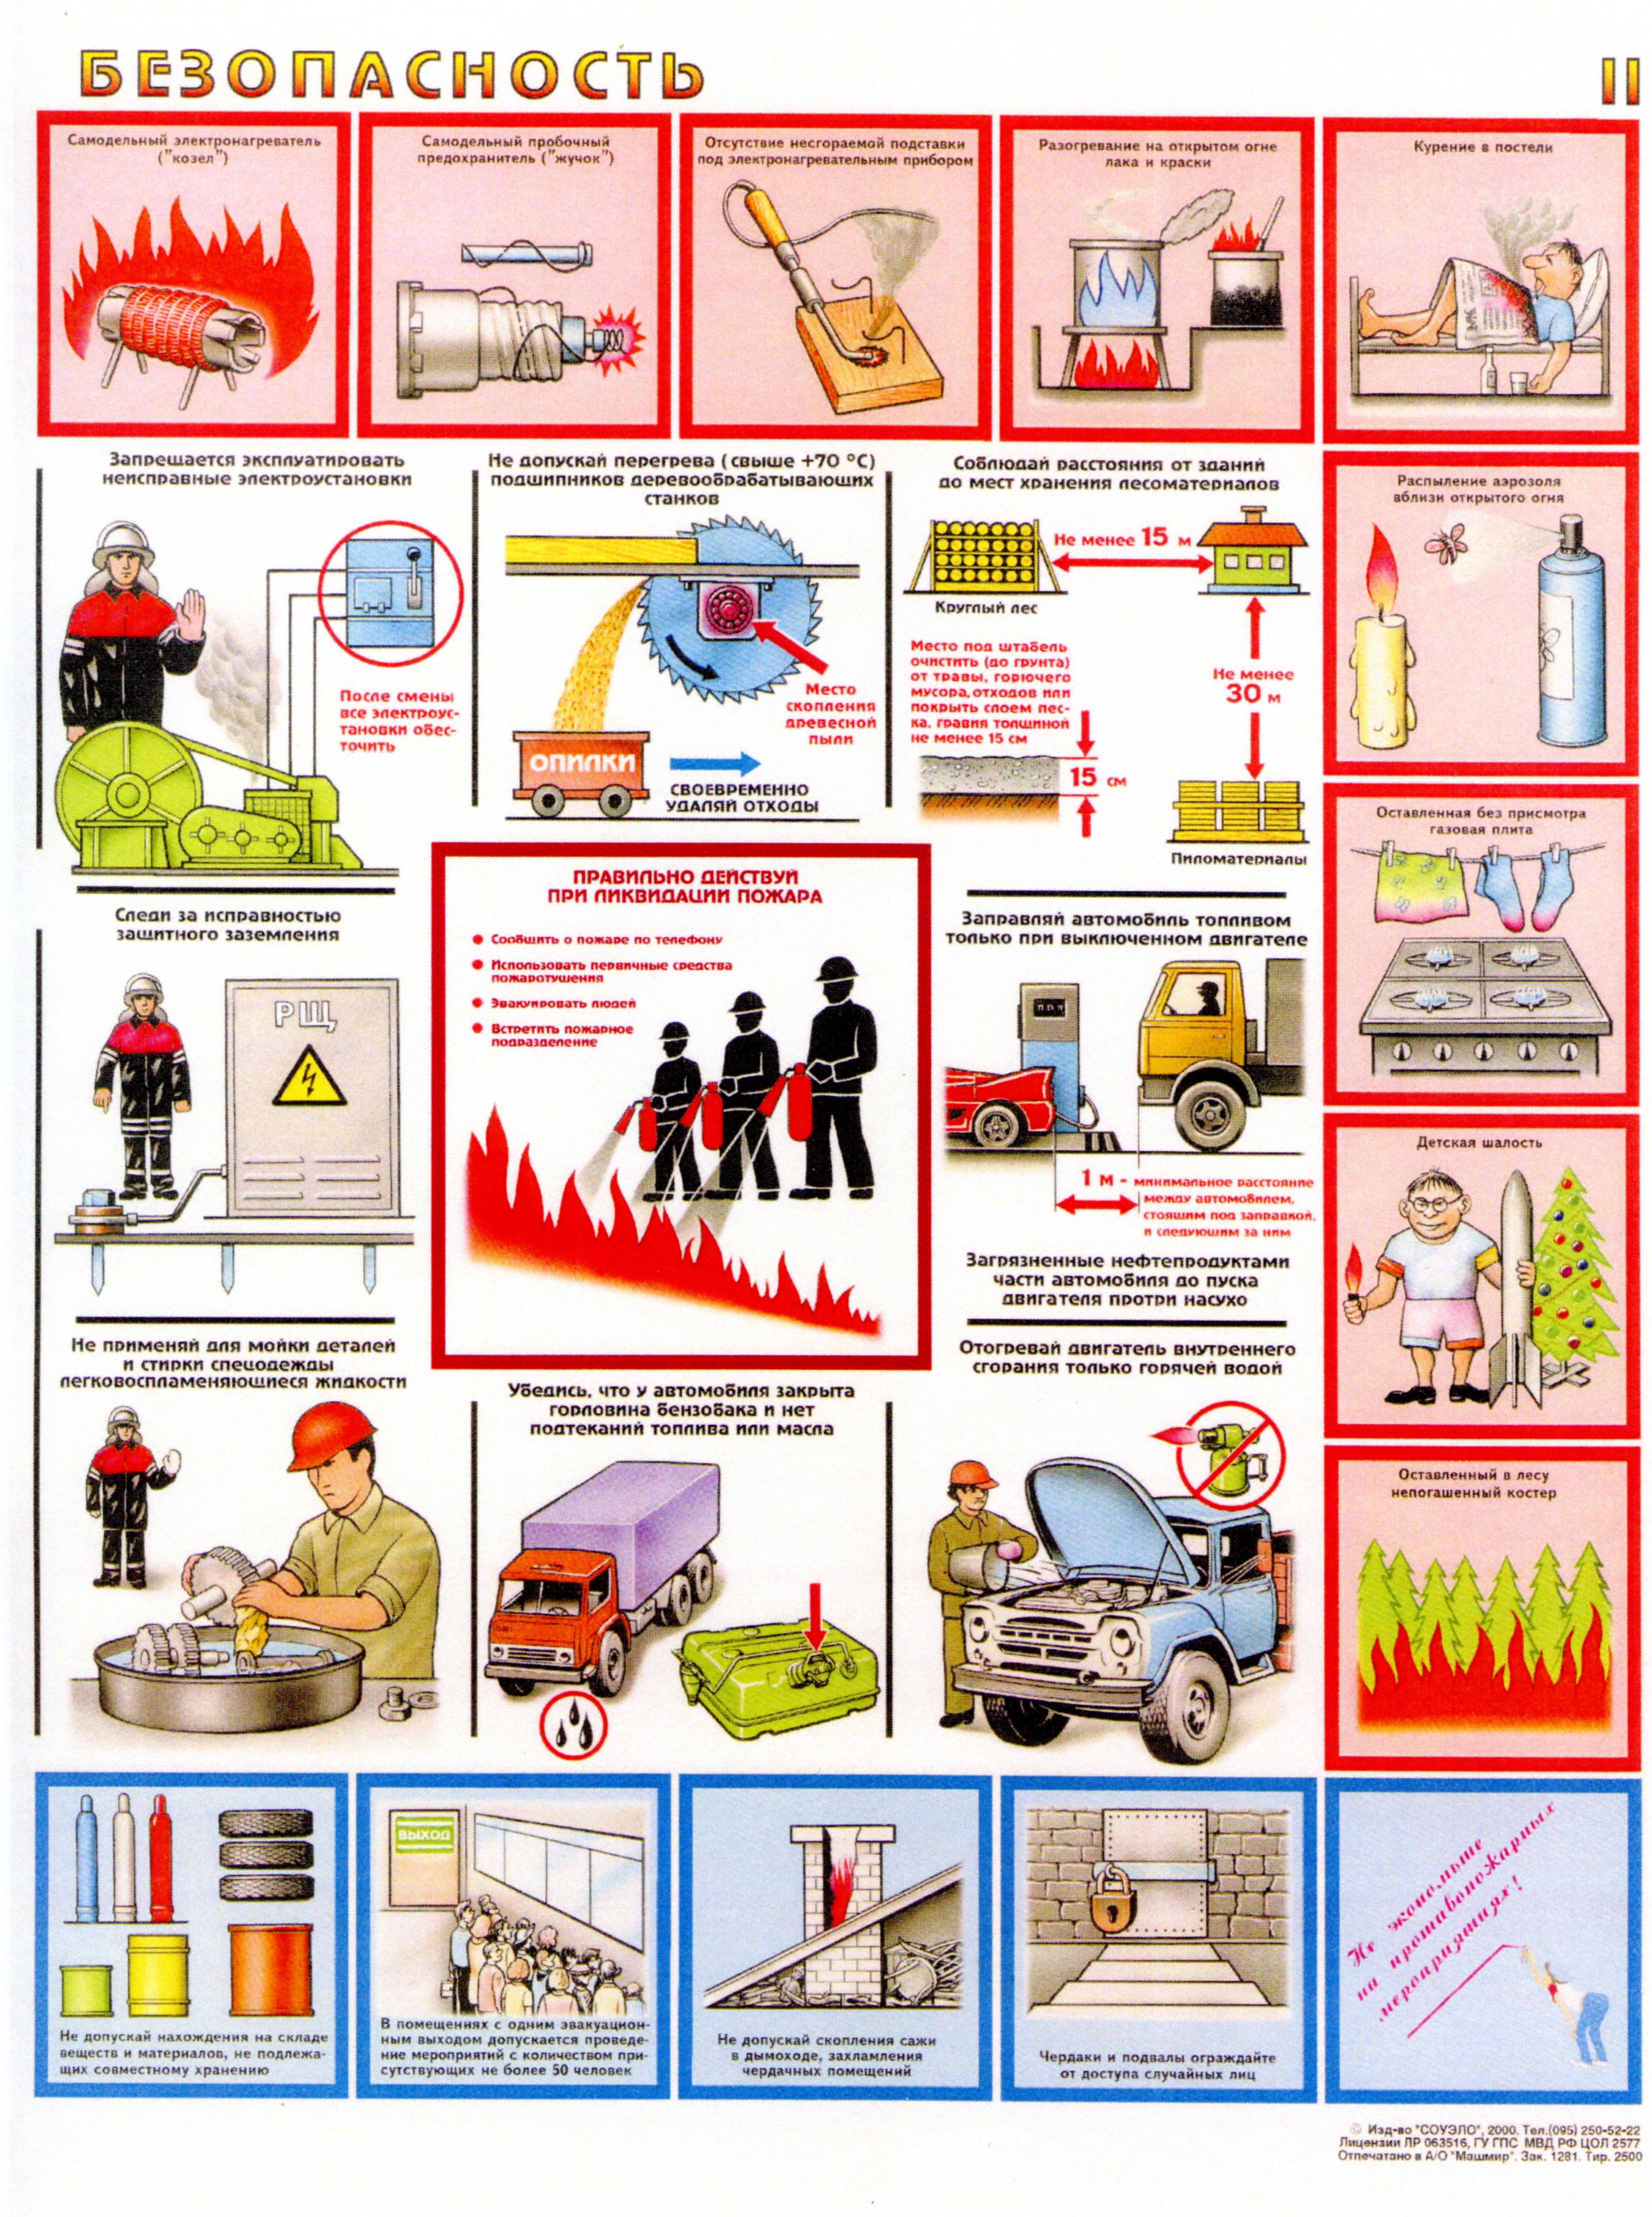 Скачать плакаты по технике безопасности и охране труда бесплатно.